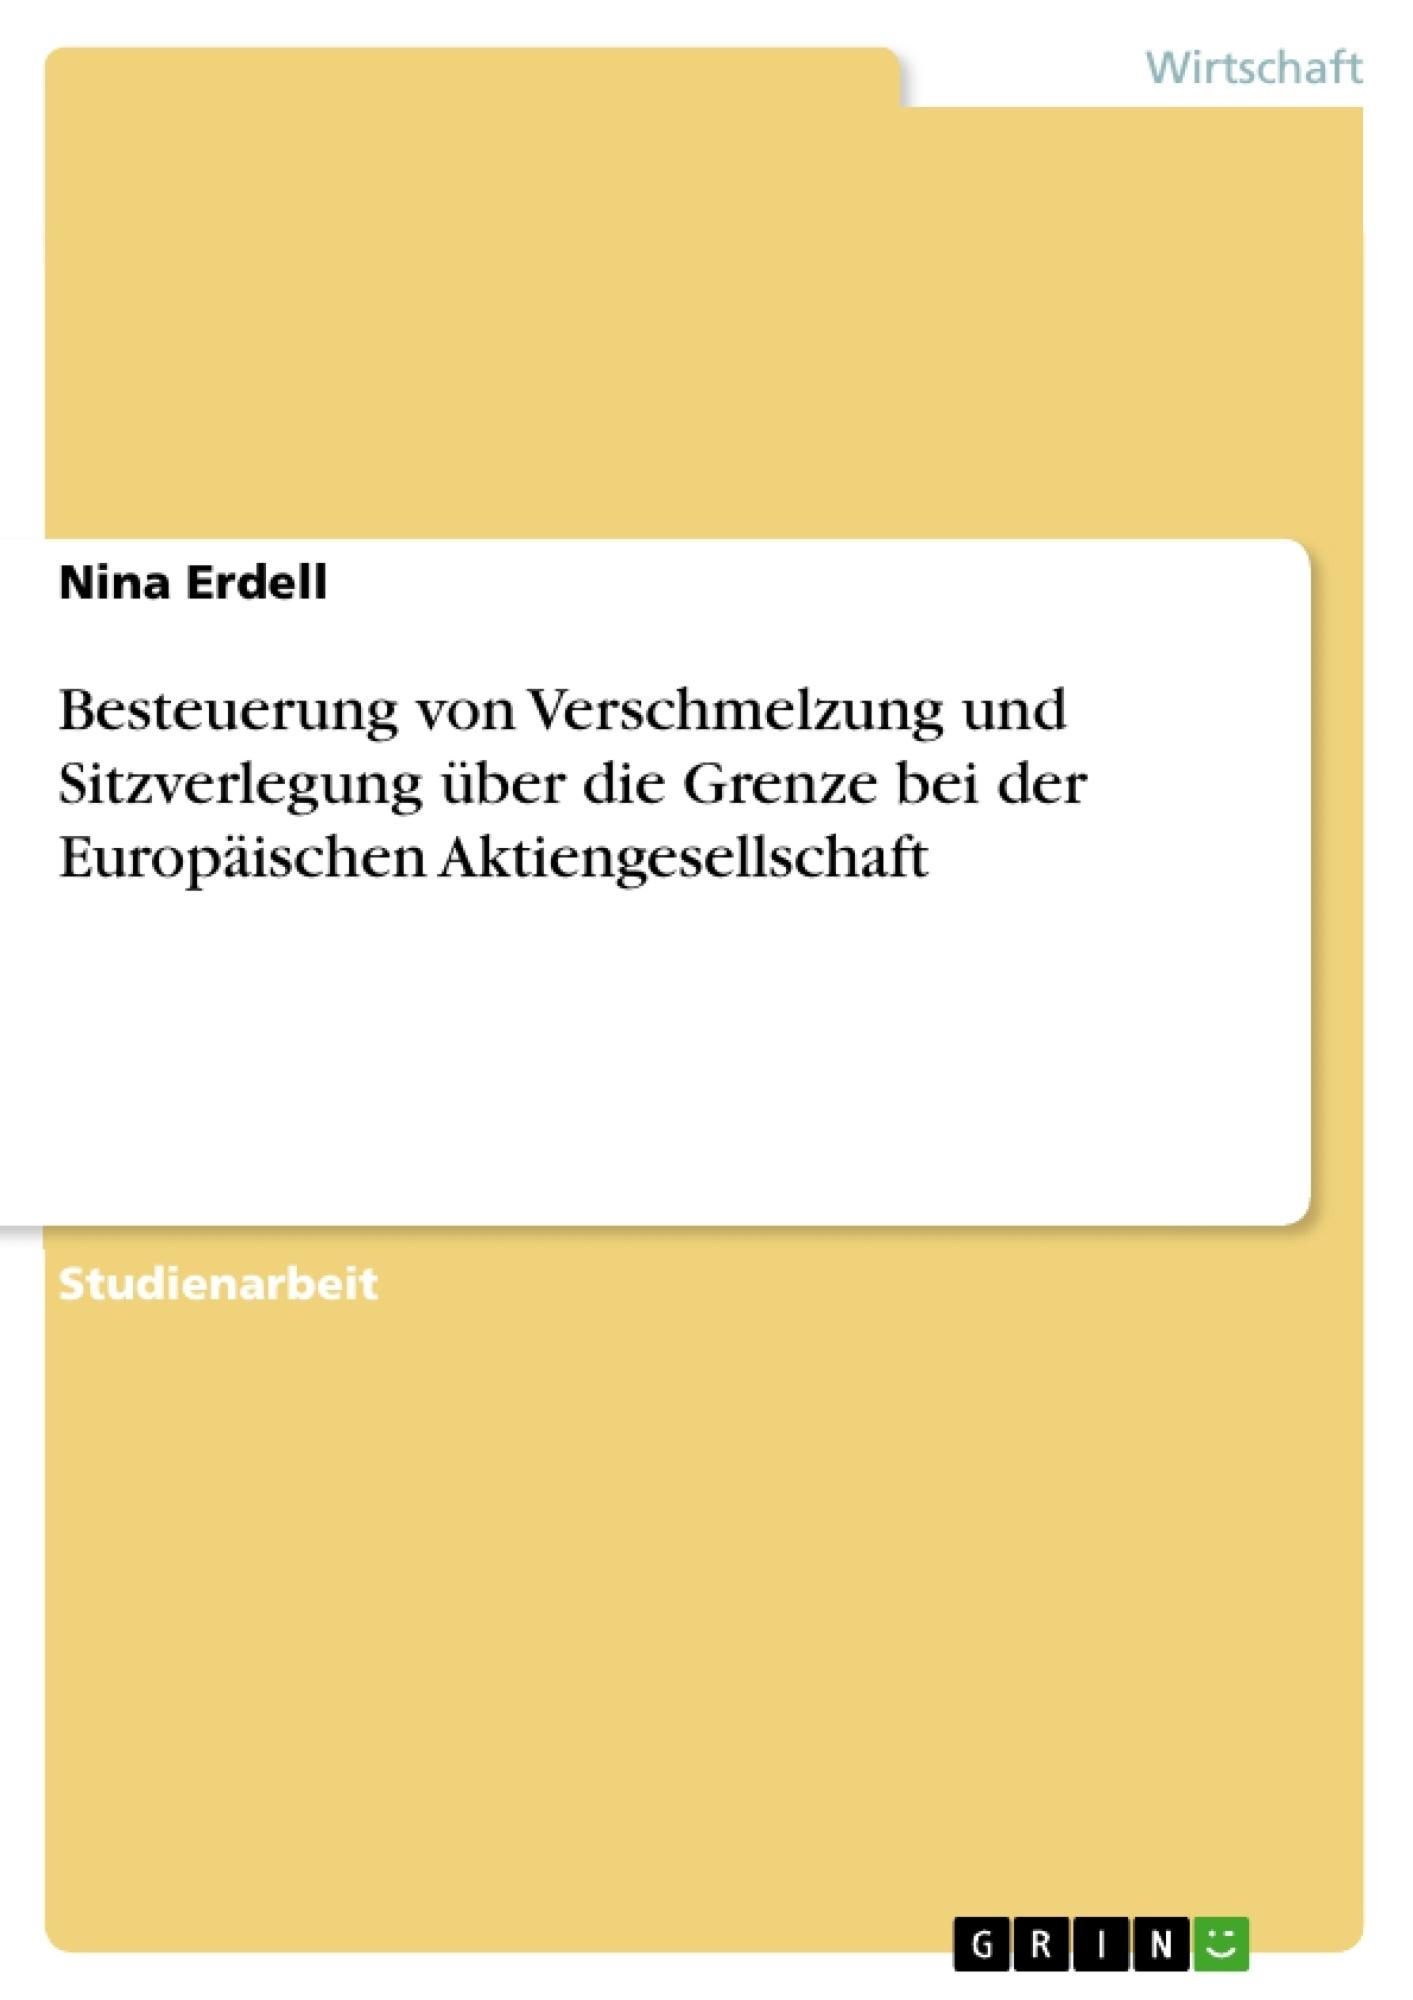 Titel: Besteuerung von Verschmelzung und Sitzverlegung über die Grenze bei der Europäischen Aktiengesellschaft